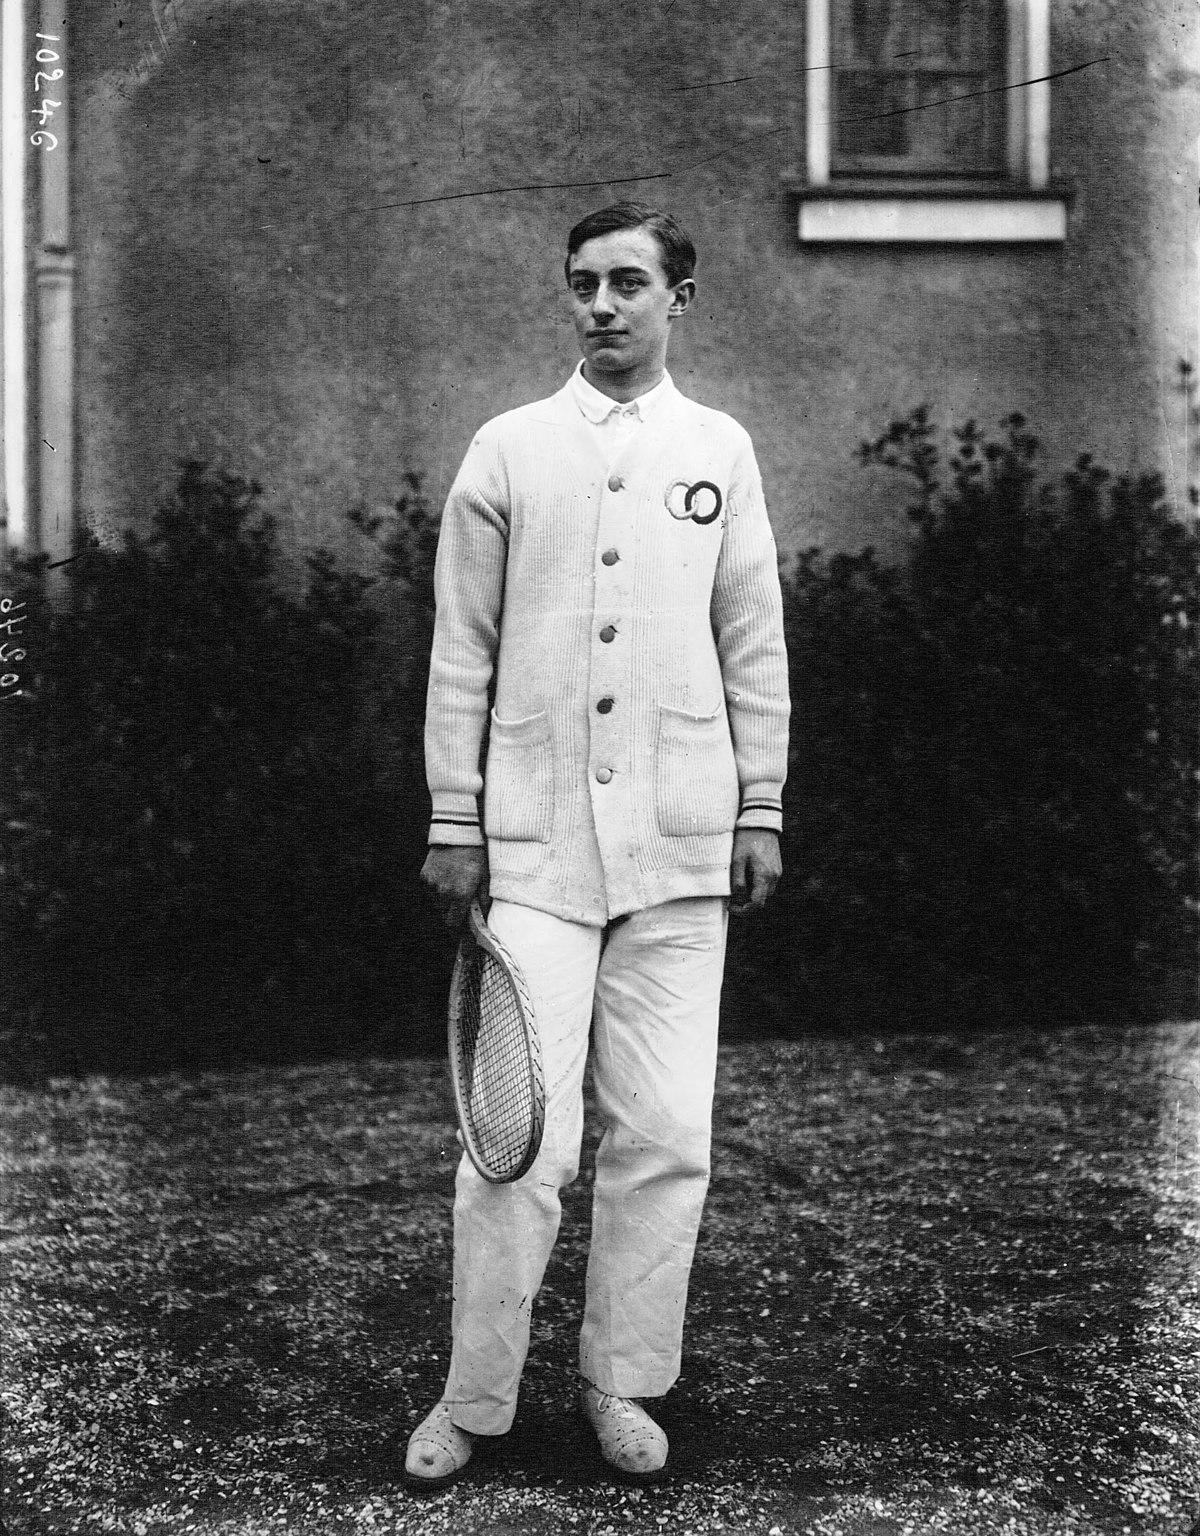 William Laurentz